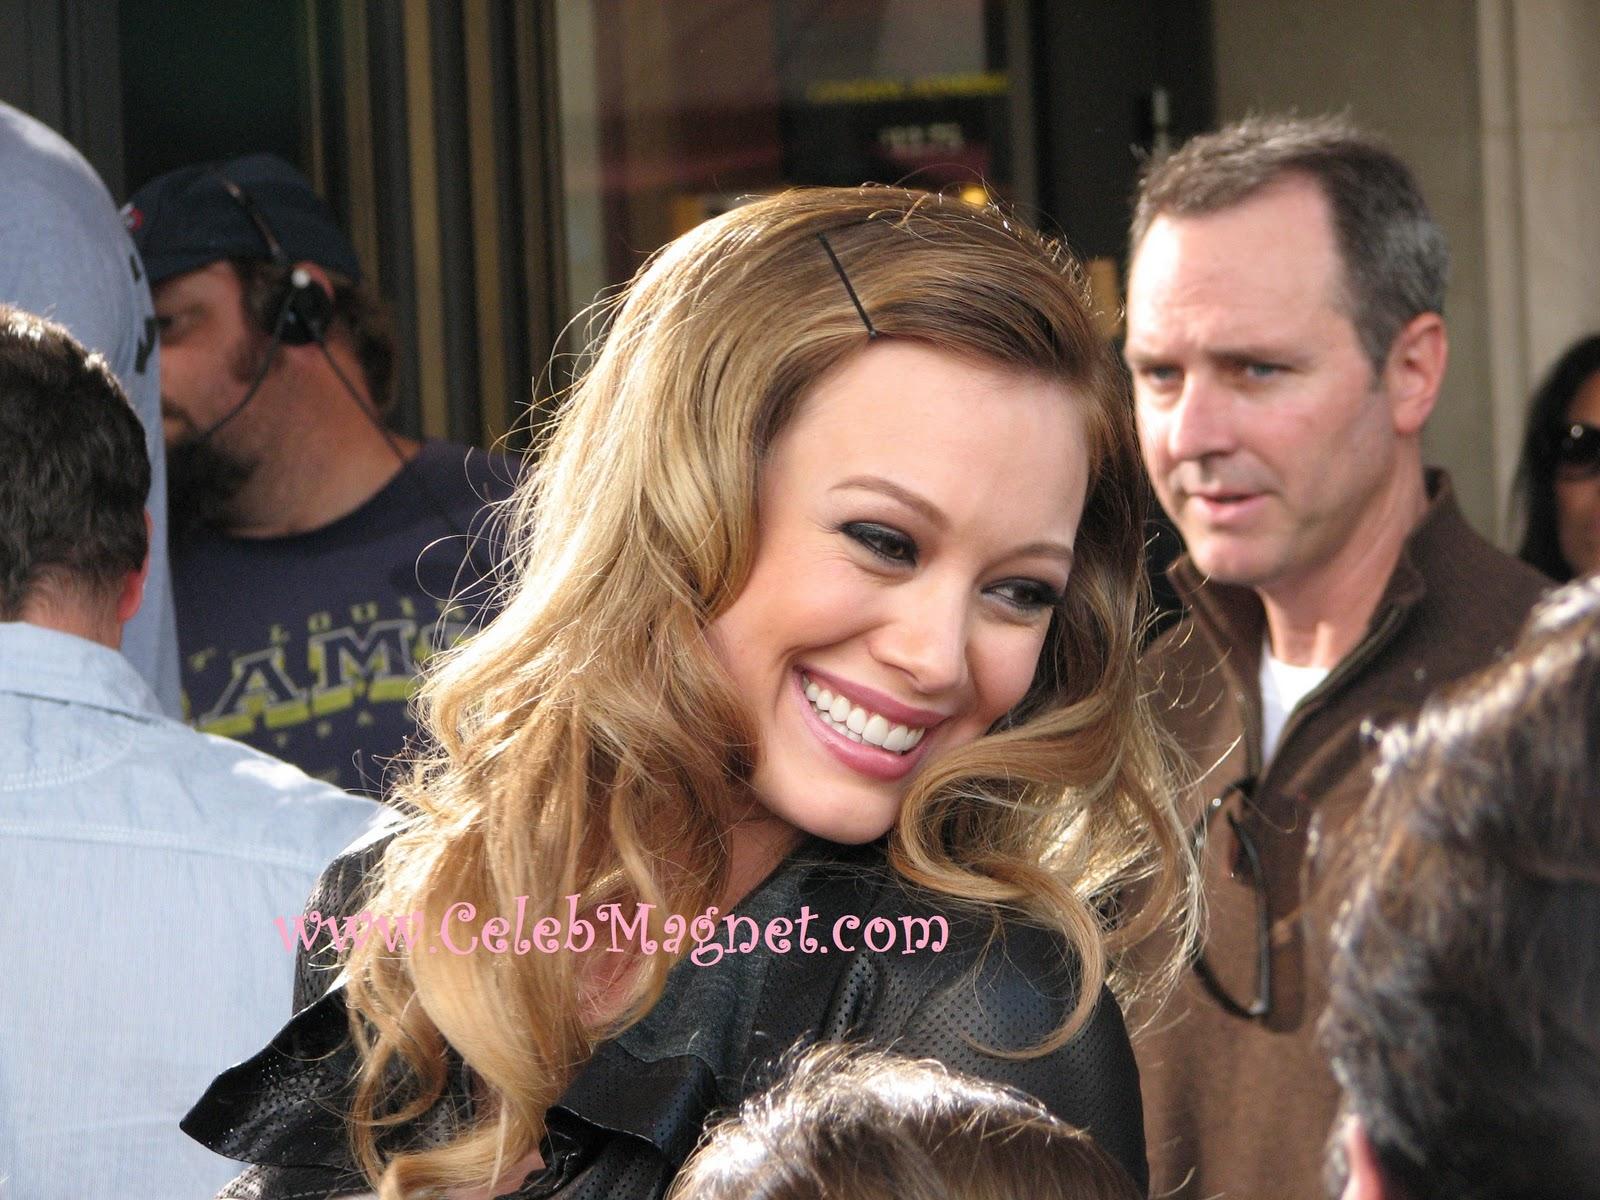 http://2.bp.blogspot.com/-6a6hZUA_UPM/TMIXQqic-dI/AAAAAAAACbc/1oCpsqoI-_o/s1600/Hilary-Duff-Elixir.jpg